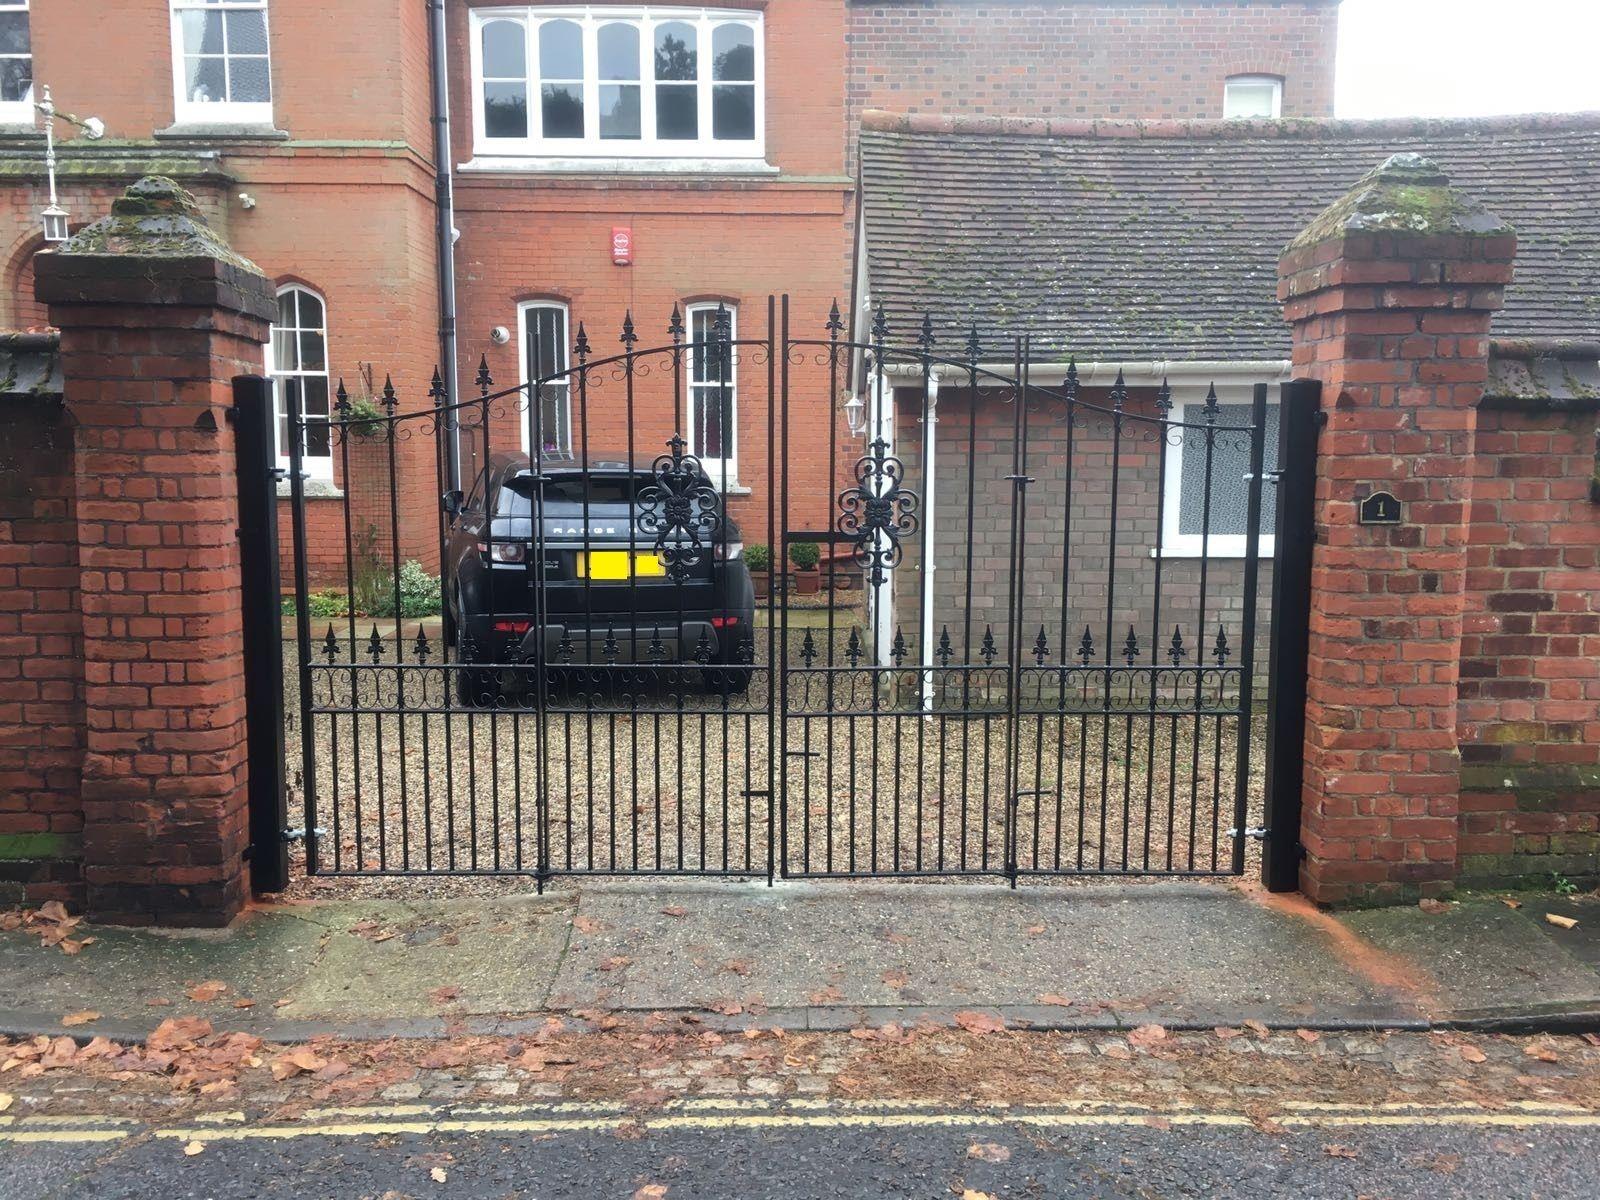 bespoke-bi-fold-driveway-gates | Driveway gates for sale ...